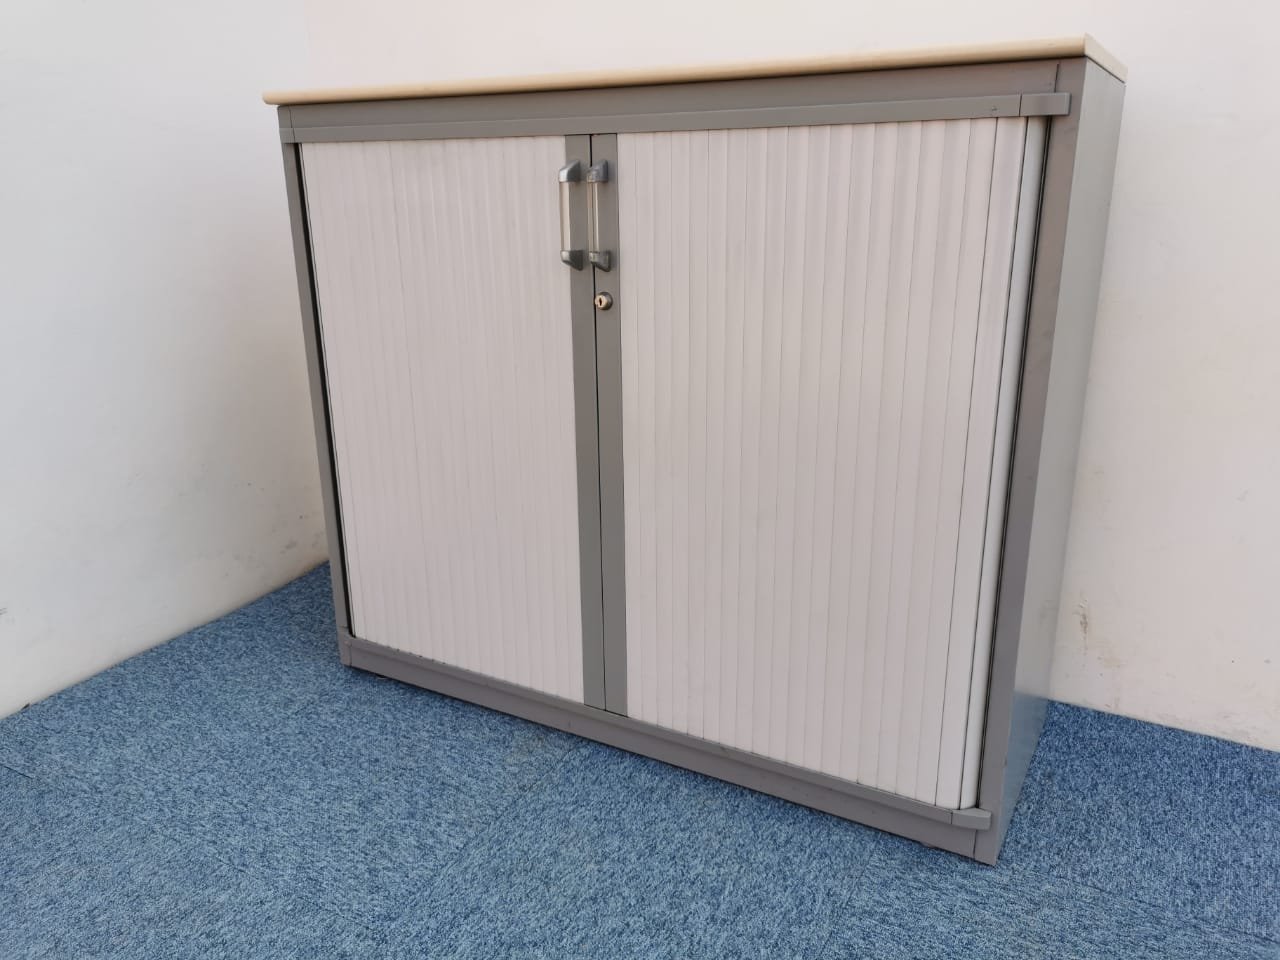 Armoire basse 120x100cm steelcase sans clé